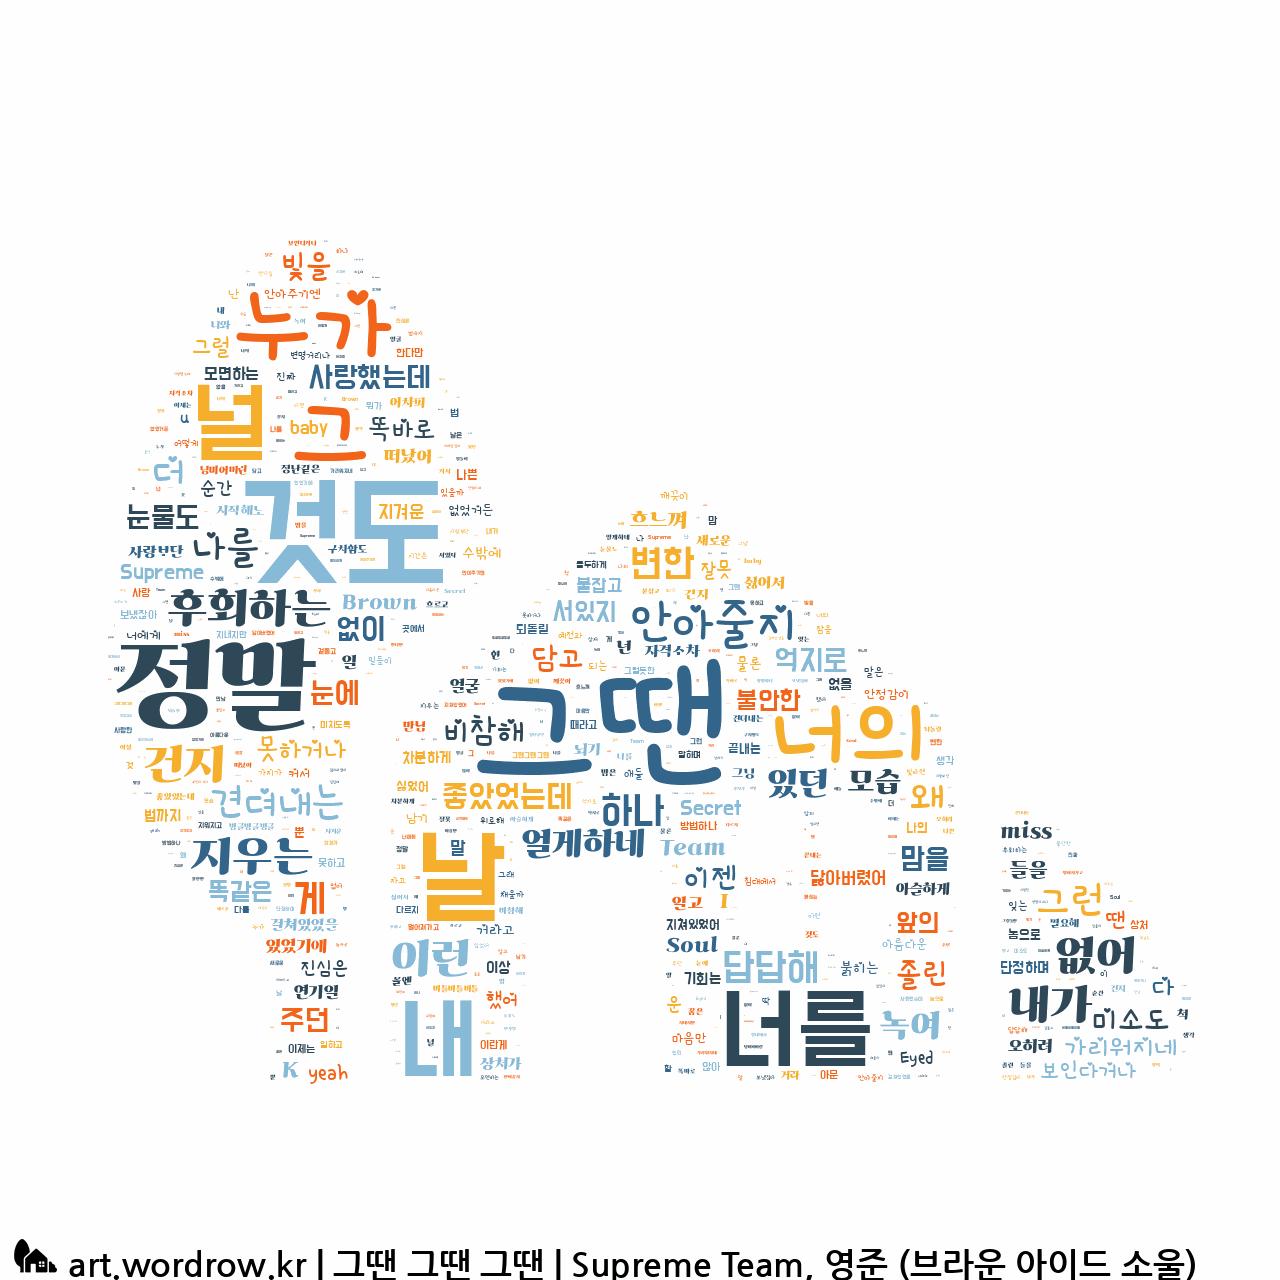 워드 클라우드: 그땐 그땐 그땐 [Supreme Team, 영준 (브라운 아이드 소울)]-11